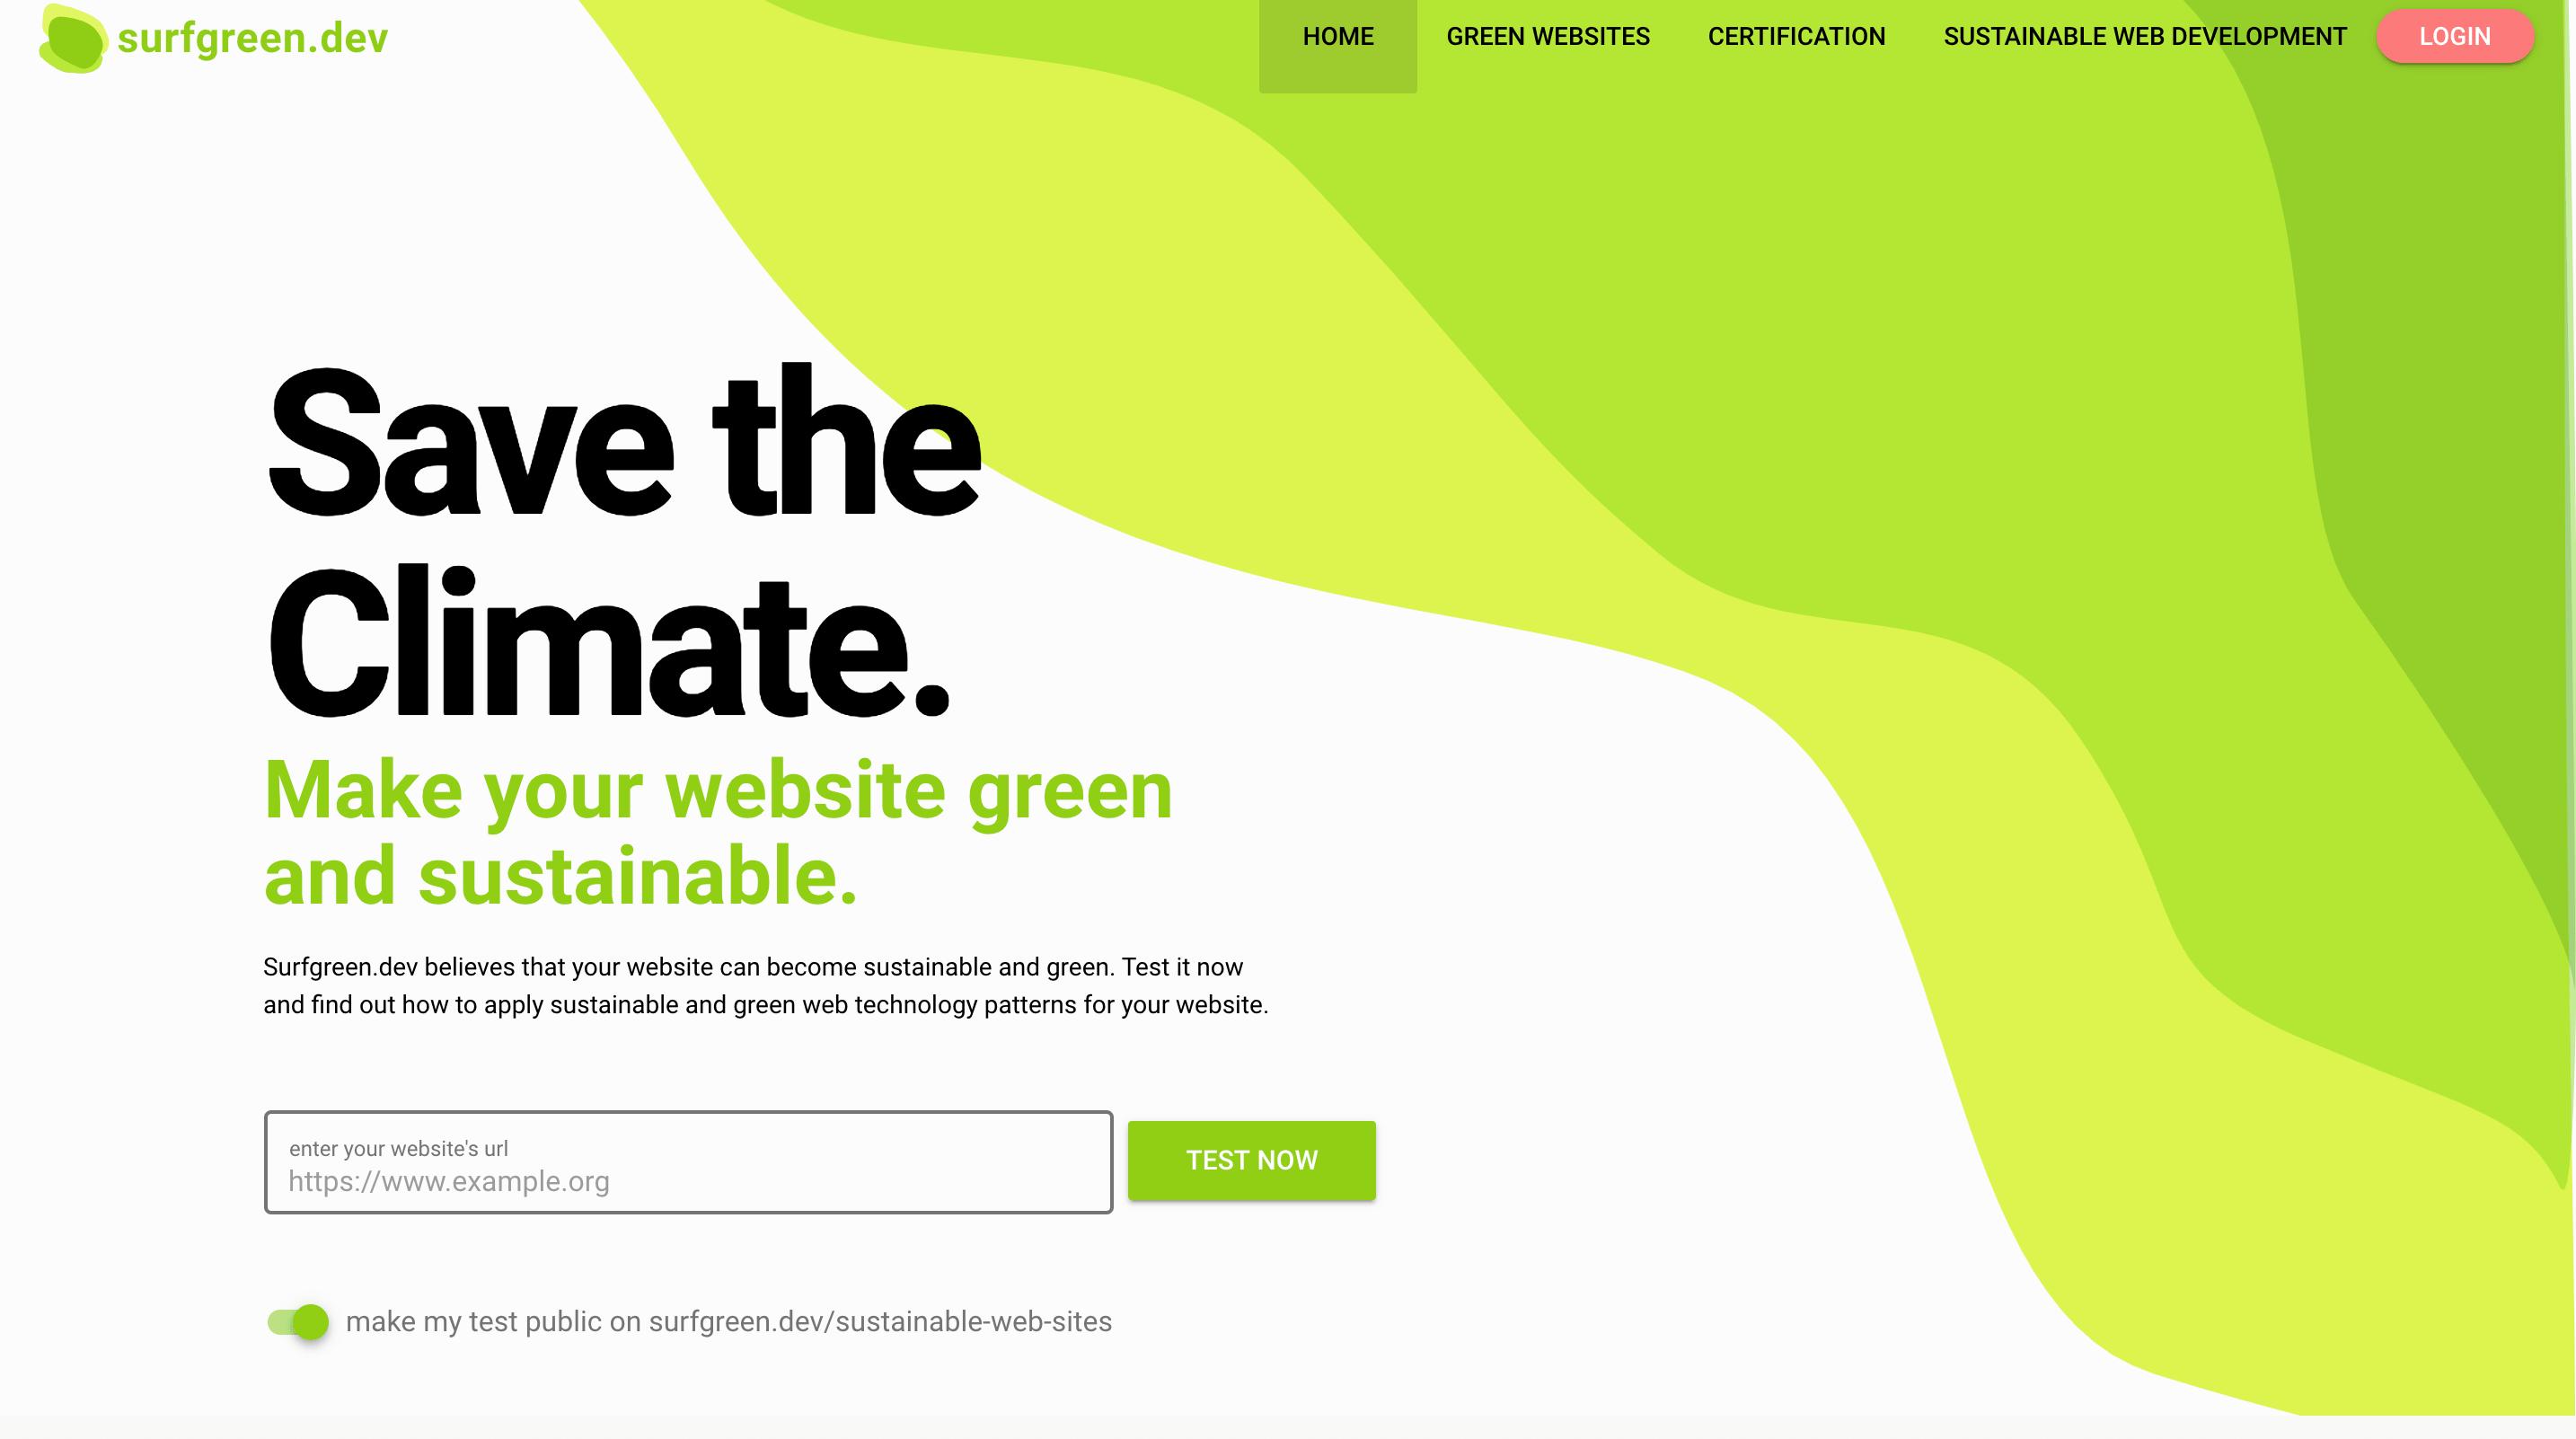 Nachhaltige Webentwicklung und gruenes Webdesign